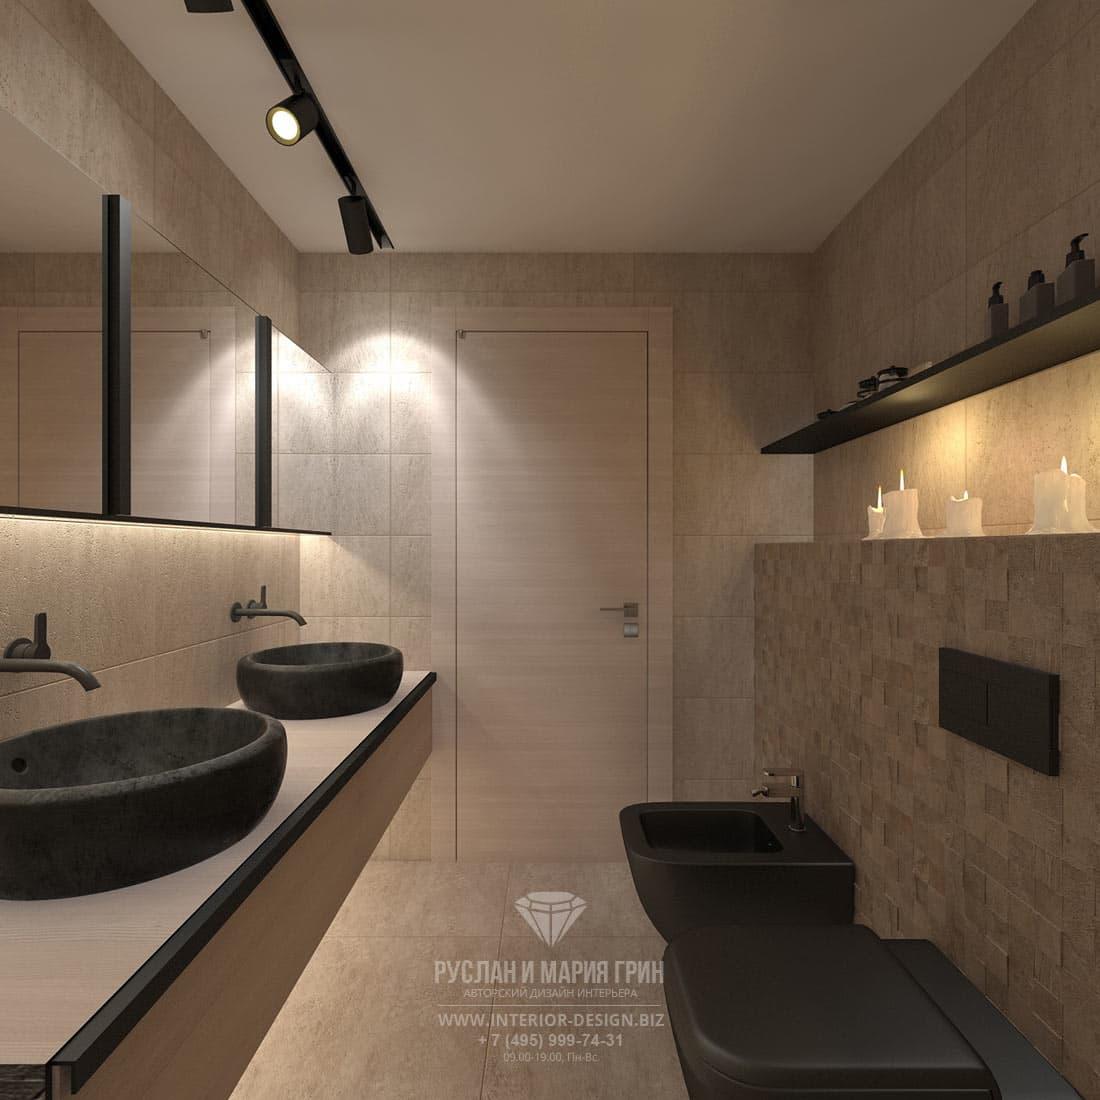 Дизайн интерьера хозяйского санузла и ванной комнаты в доме